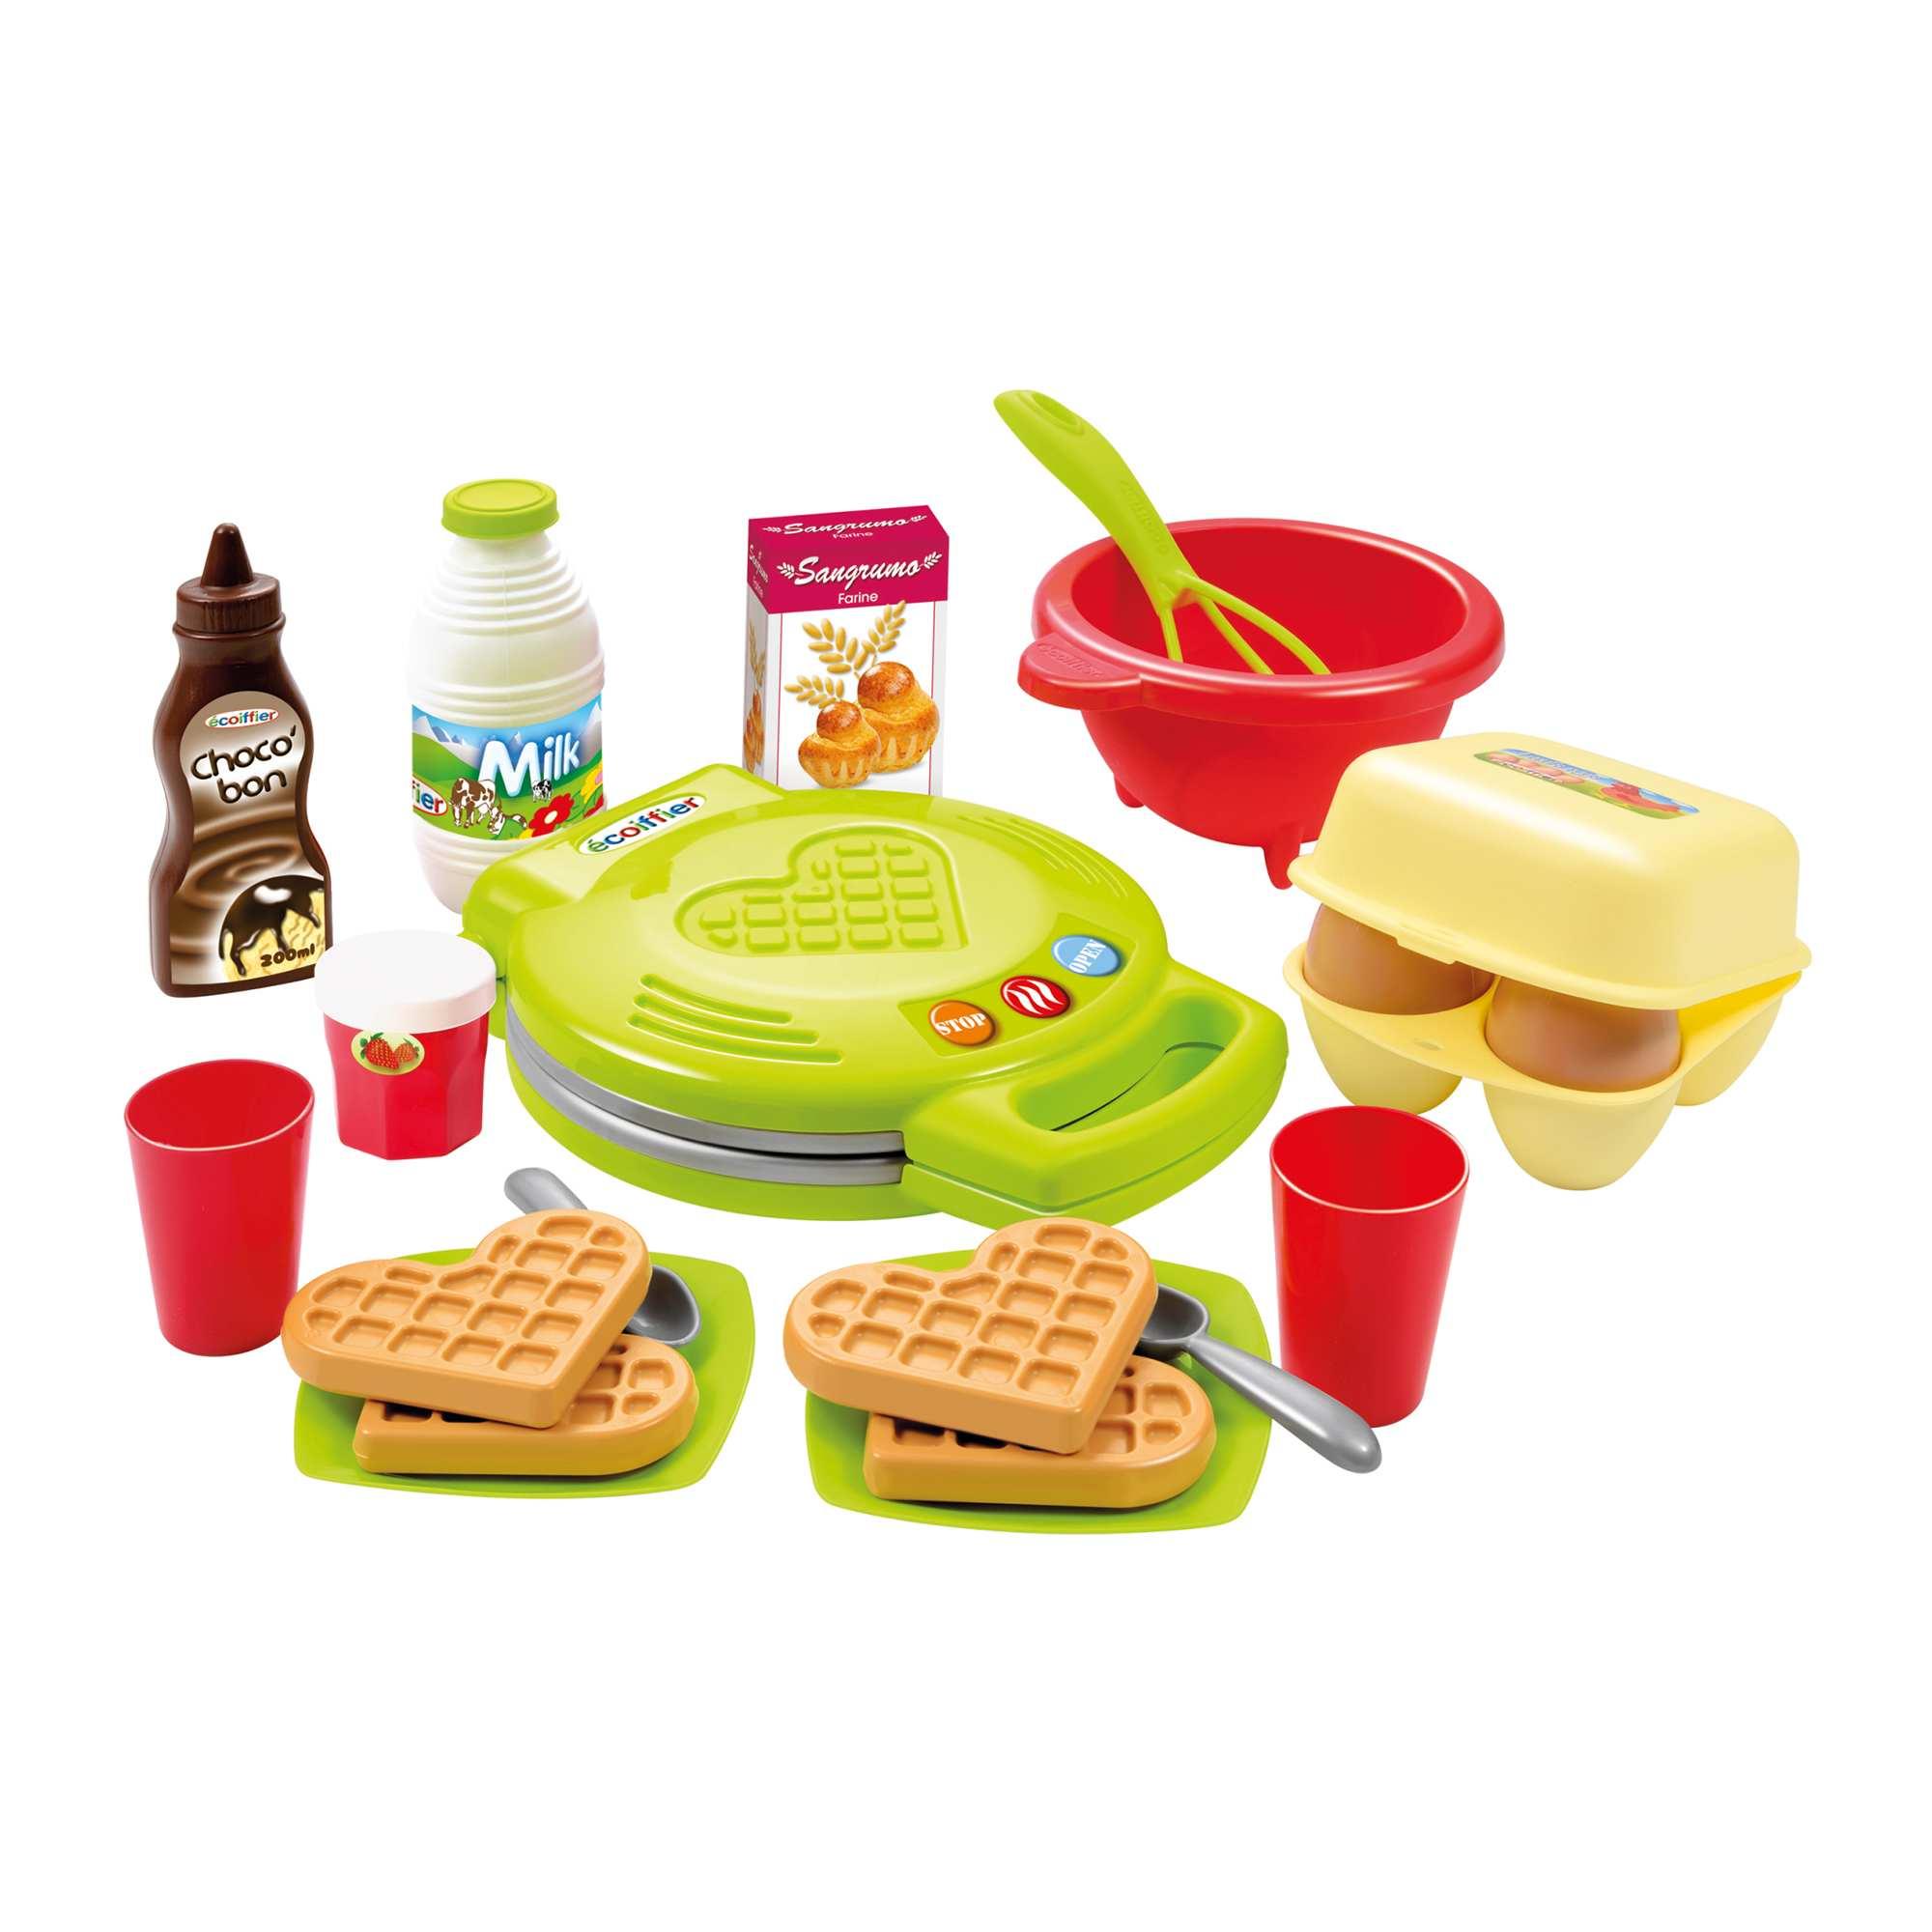 Couleur : multi, , ,, - Taille : TU, , ,,Prépare des petits déjeuners pour toutes la famille ! - Set machine à gaufres avec